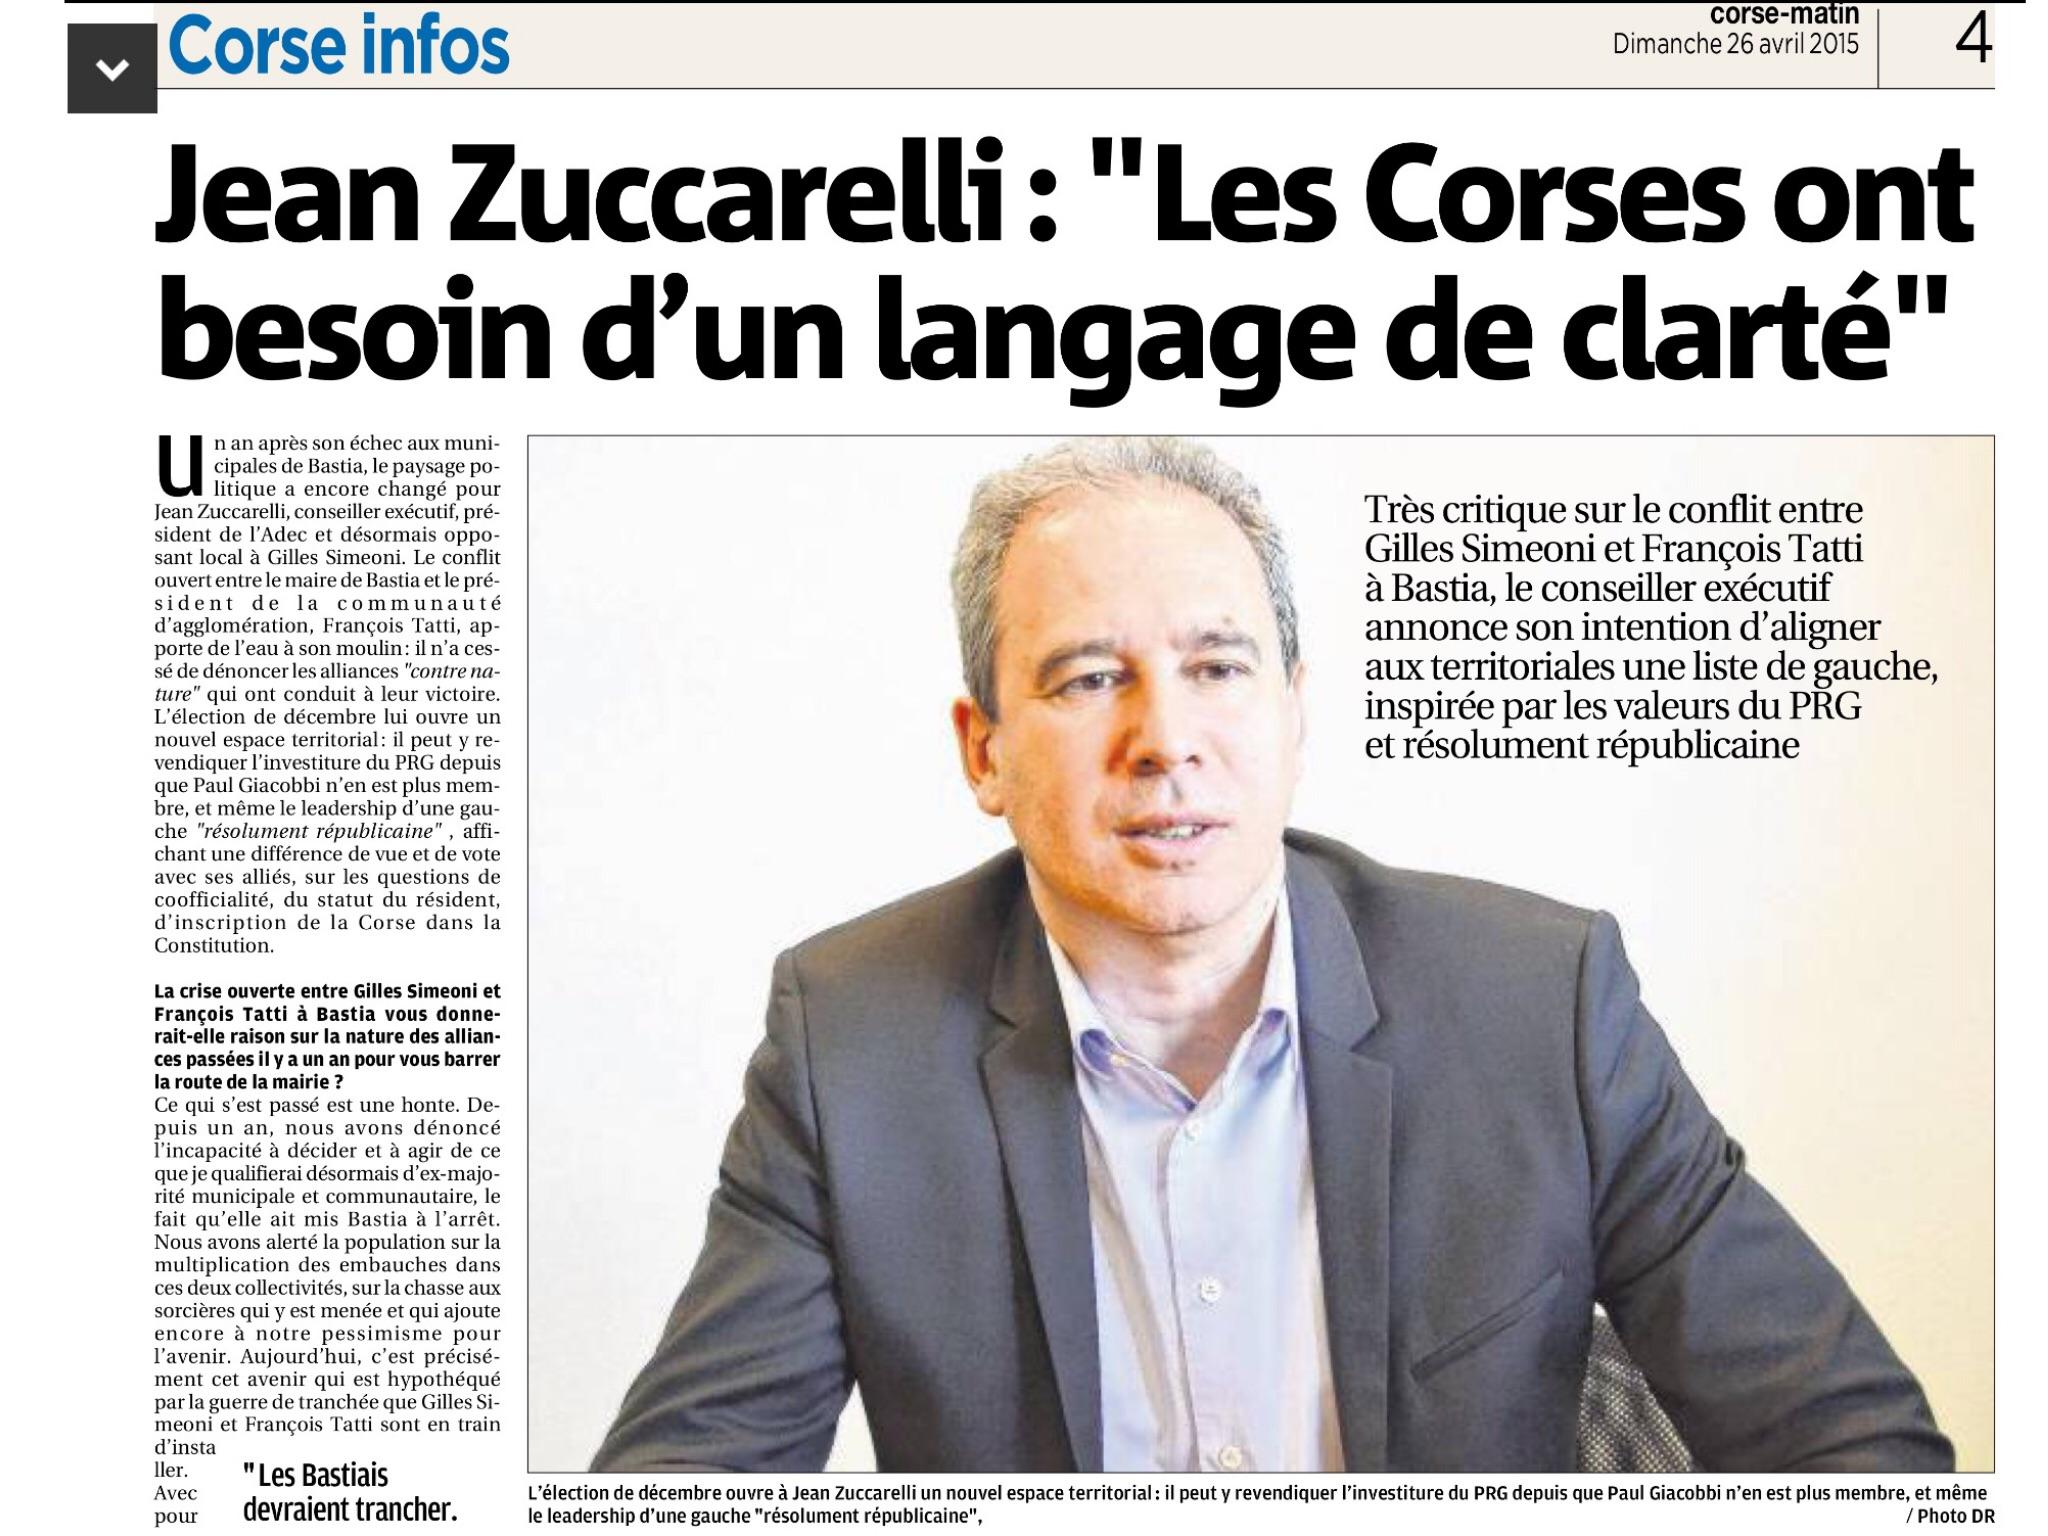 Mon interview paru dans le Corse Matin du dimanche 26 avril 2014